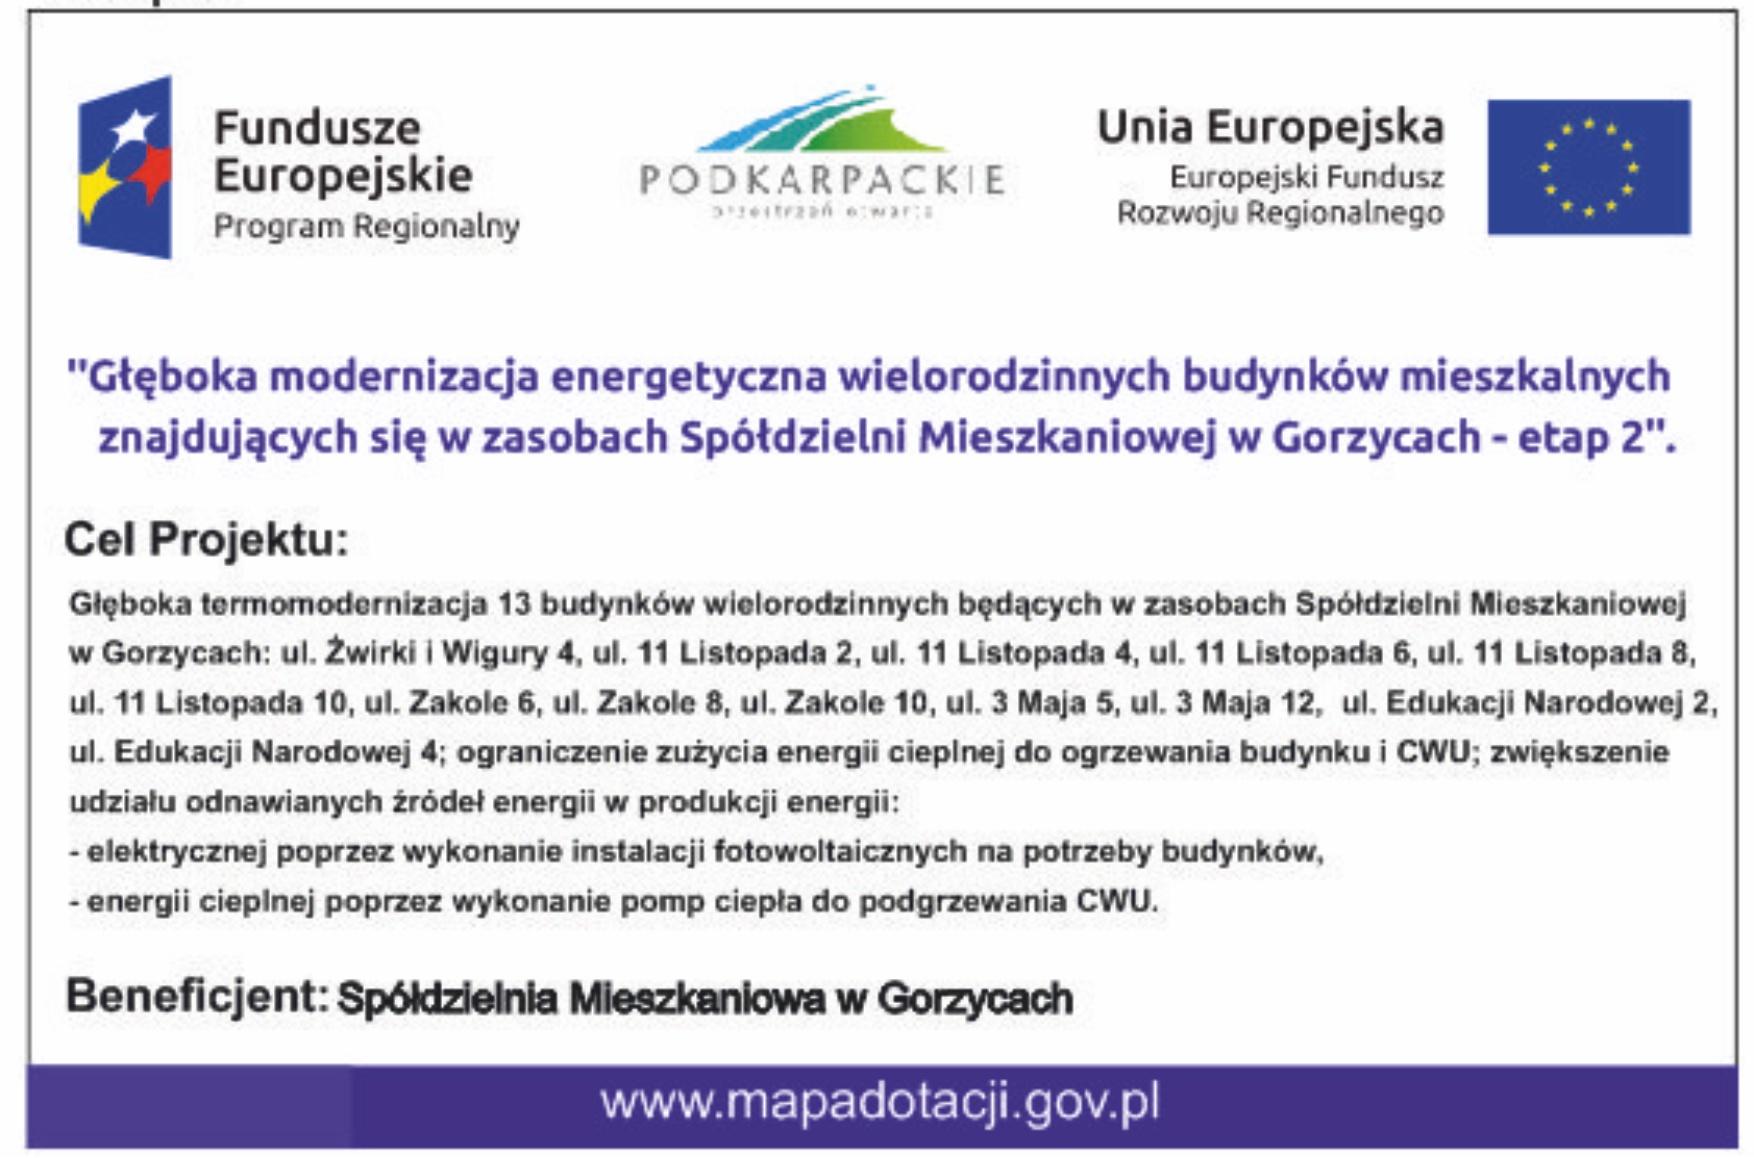 Głęboka modernizacja energetyczna wielorodzinnych budynków mieszkalnych znajdujących się w zasobach Spółdzielni Mieszkaniowej w Gorzycach – etap 2